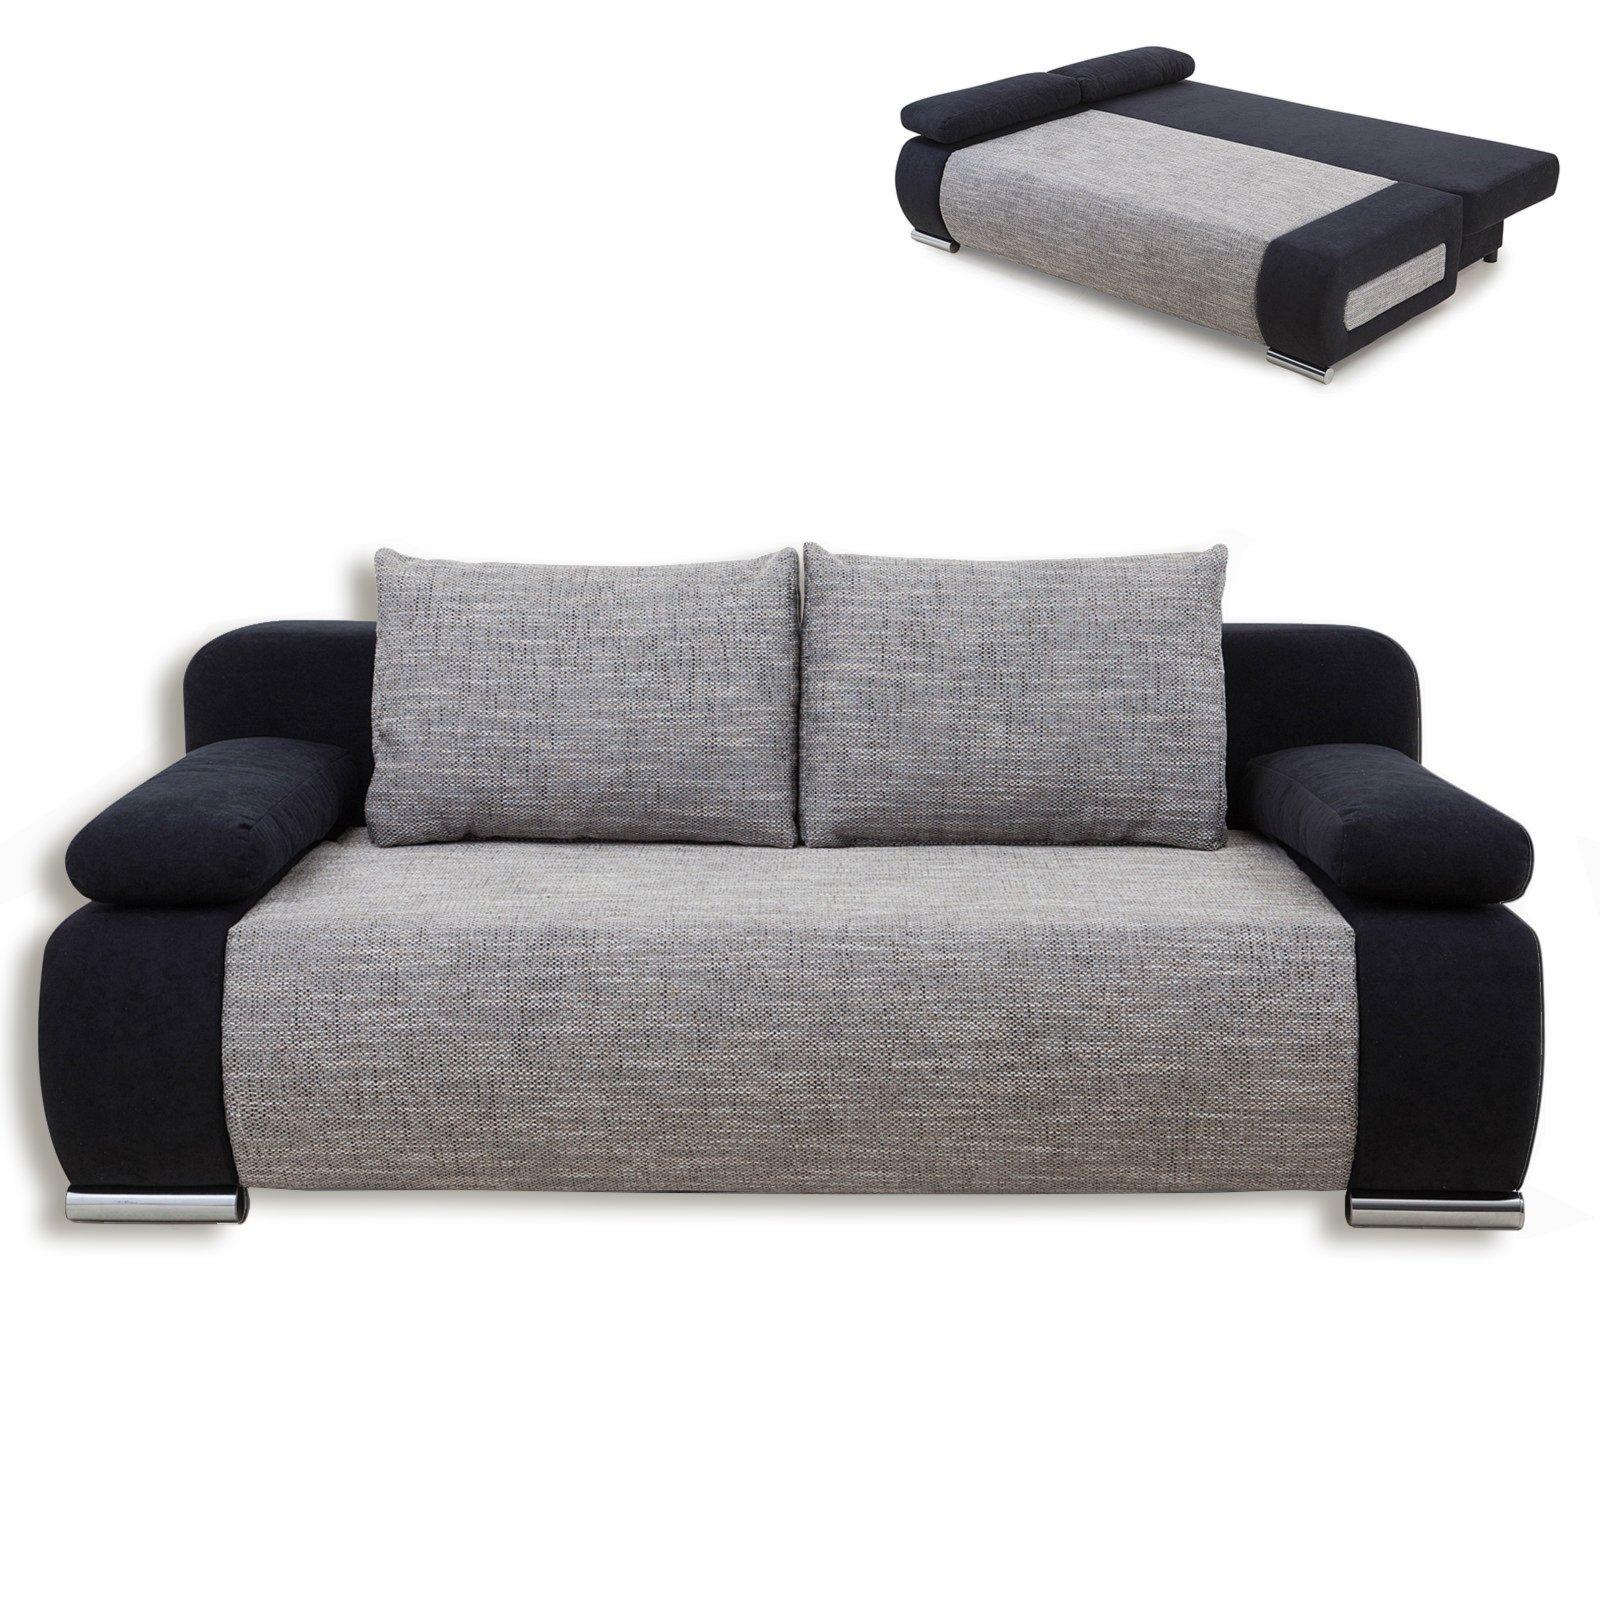 schlafsofa schwarz grau mit staukasten schlafsofas. Black Bedroom Furniture Sets. Home Design Ideas